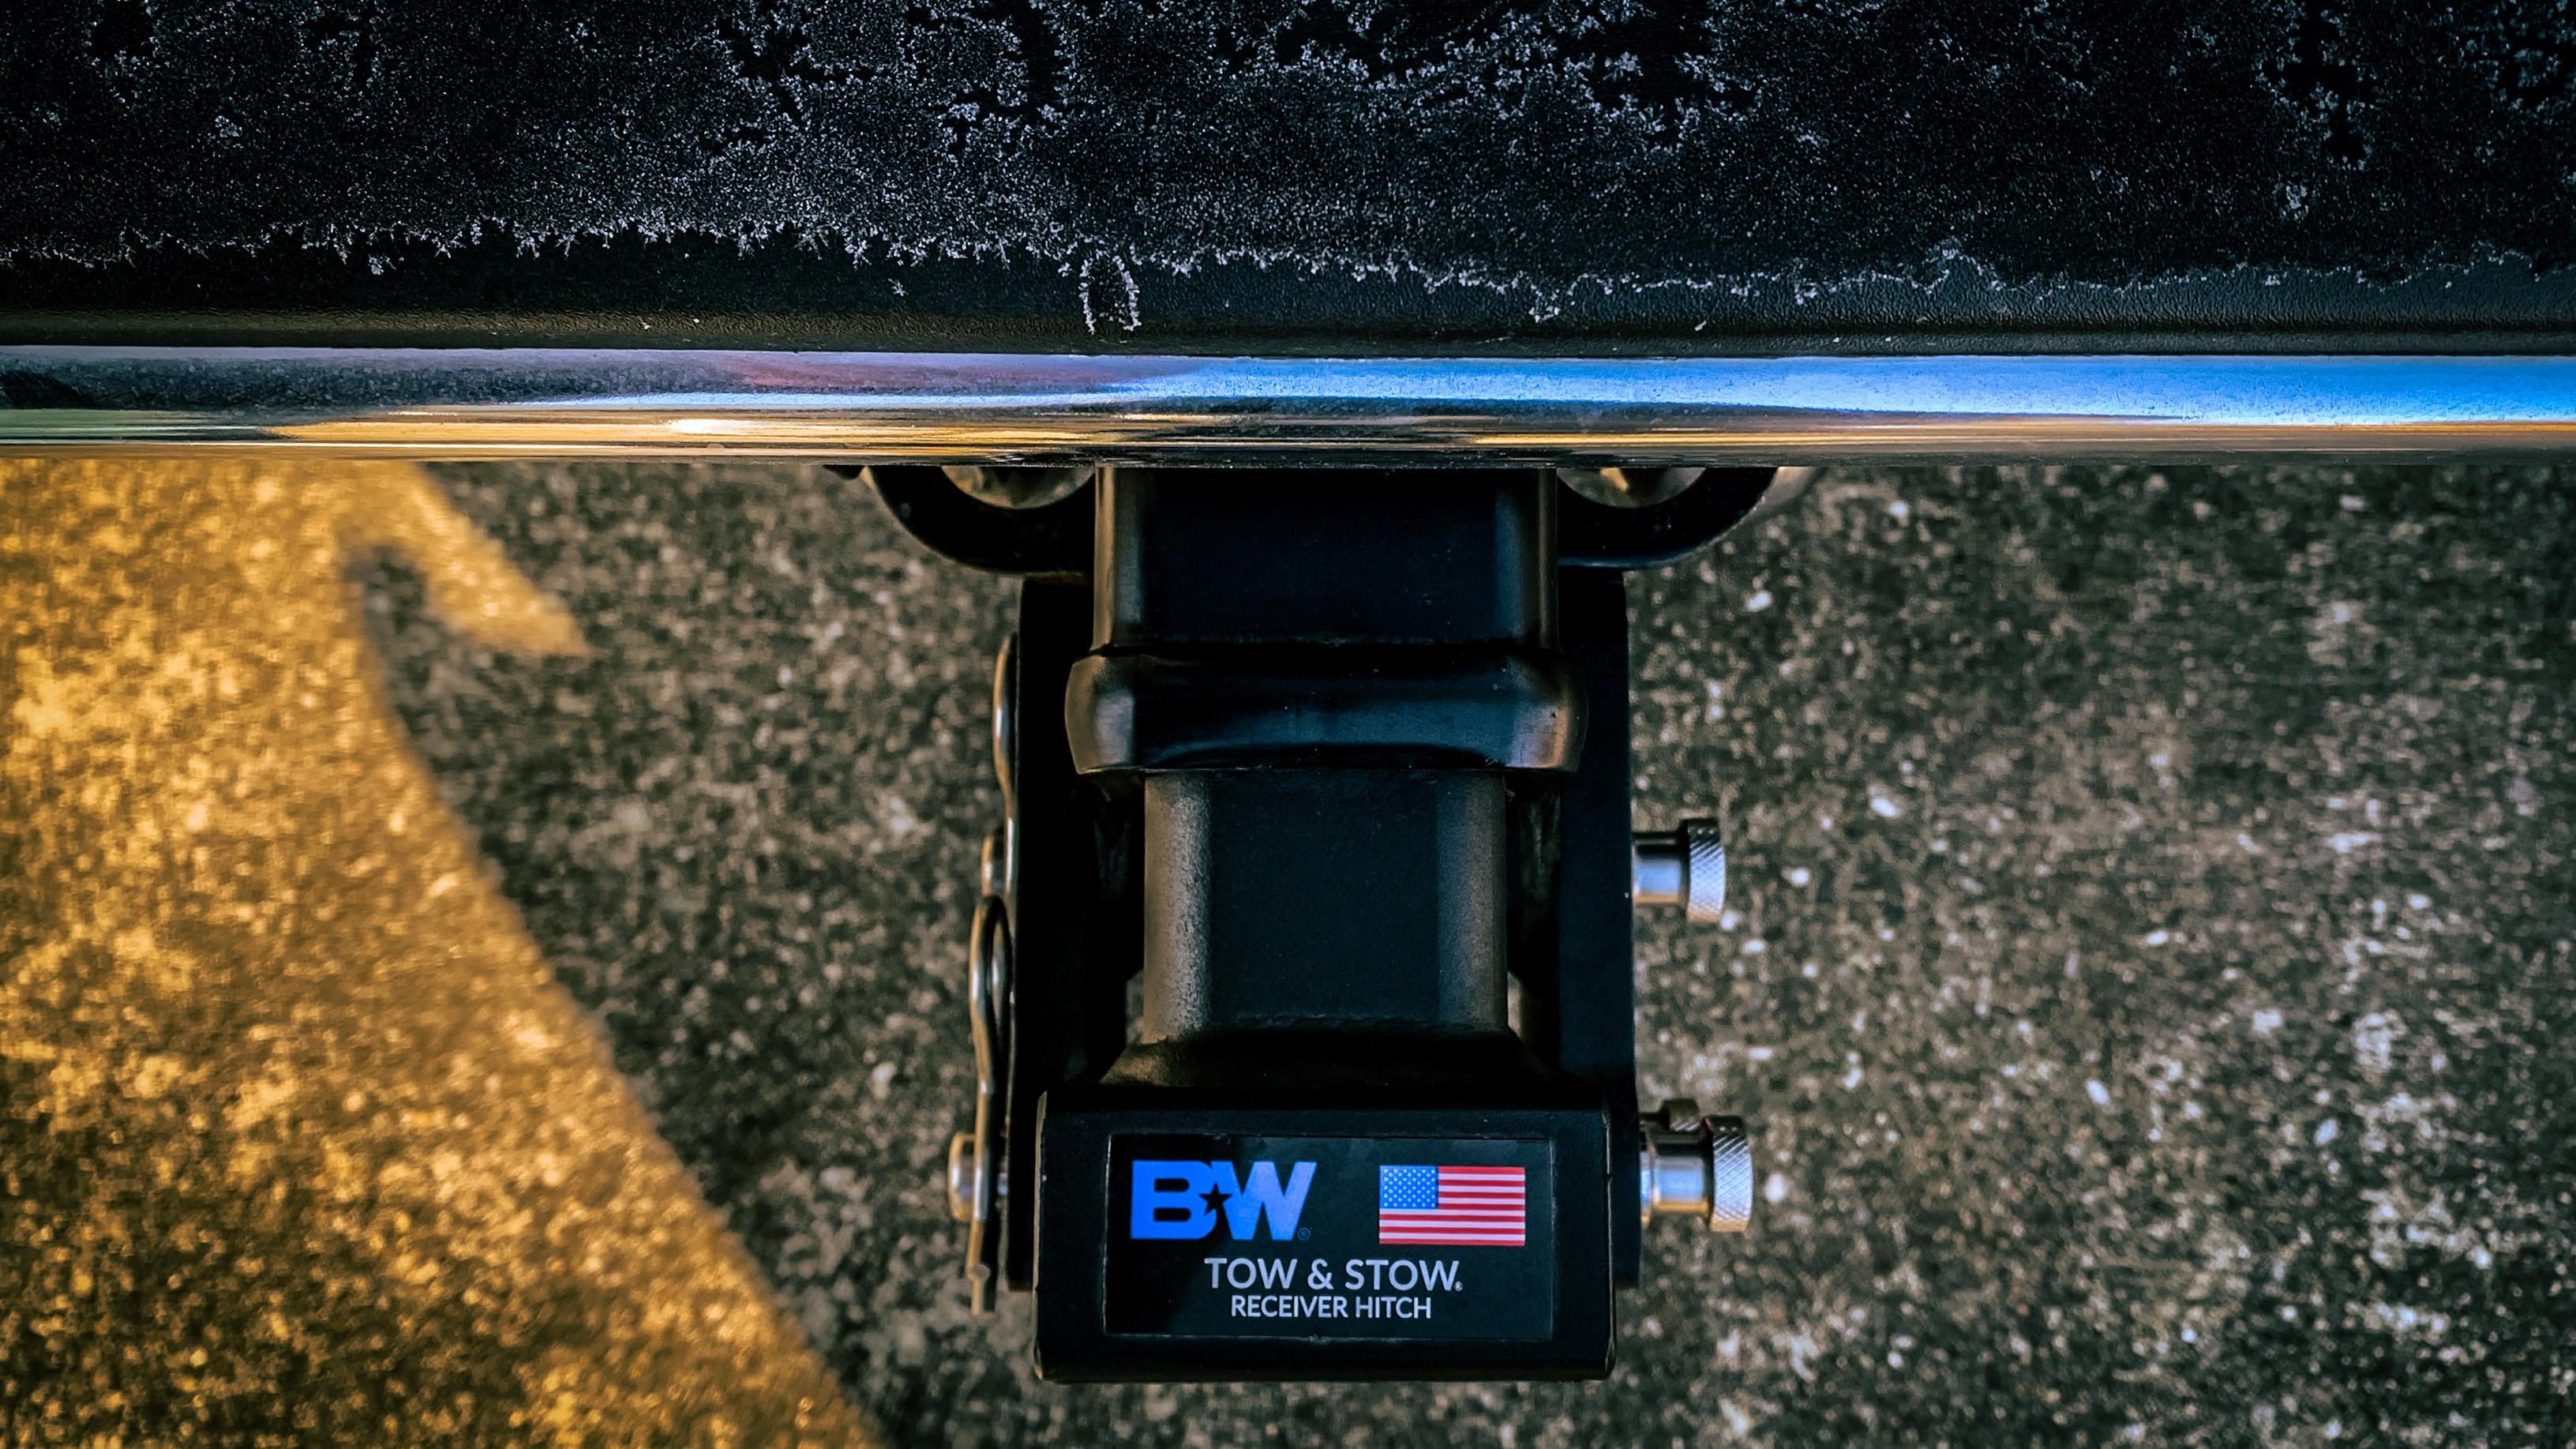 b-w-tow-stow-5.jpg